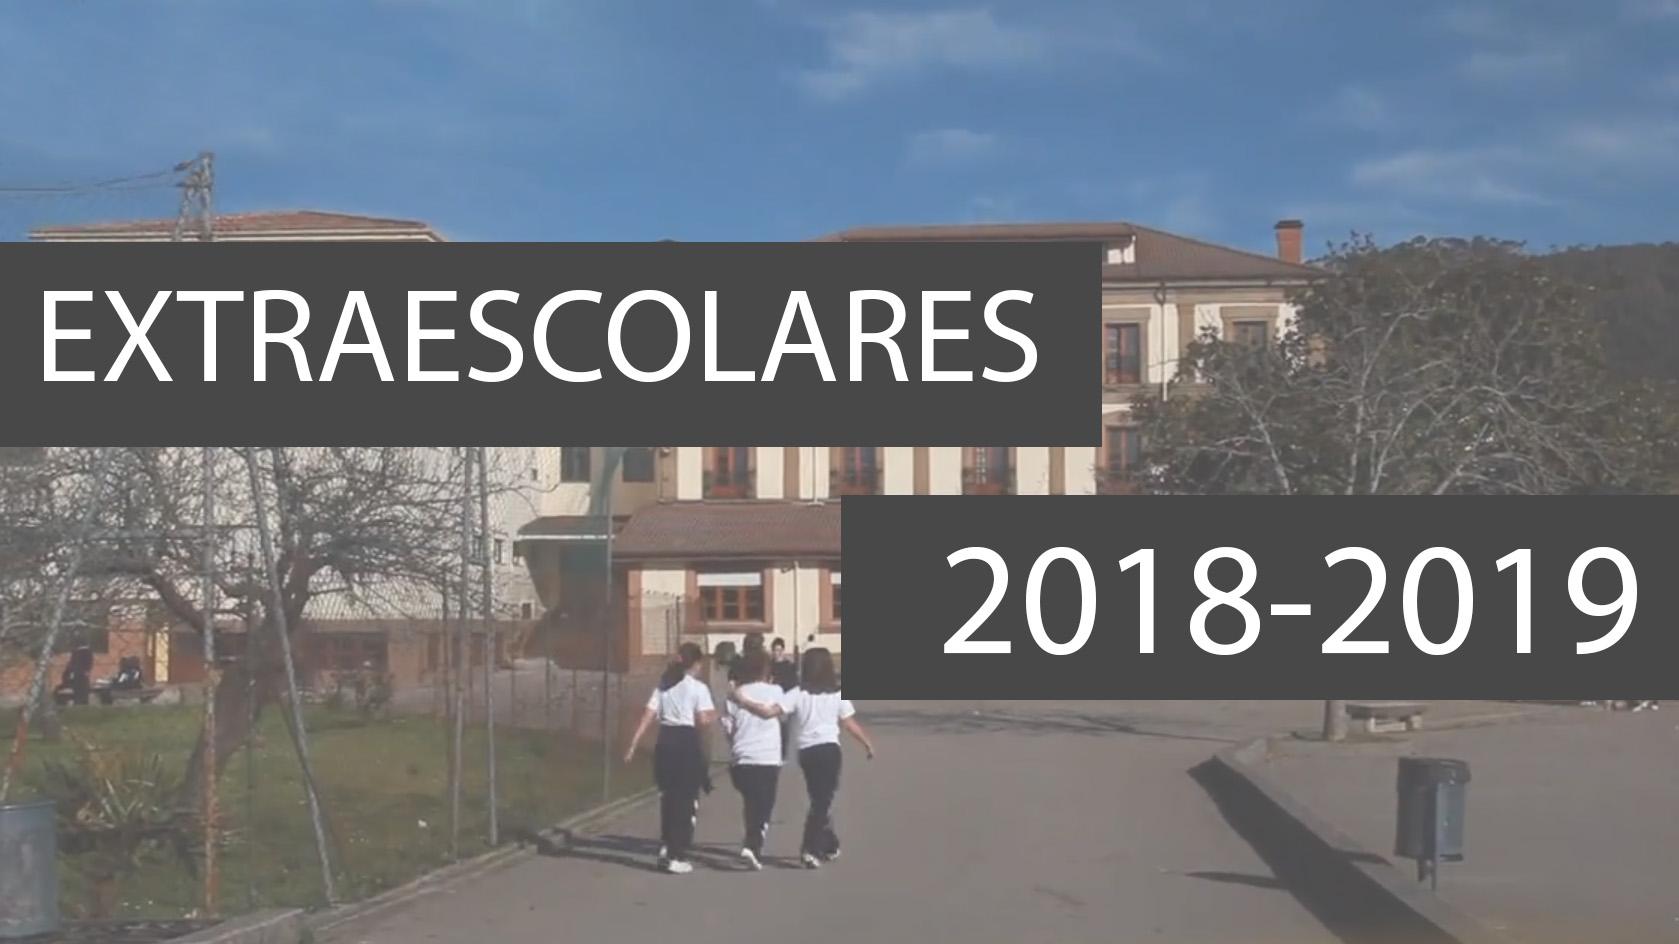 Actividades extraescolares para el curso 2018-2019